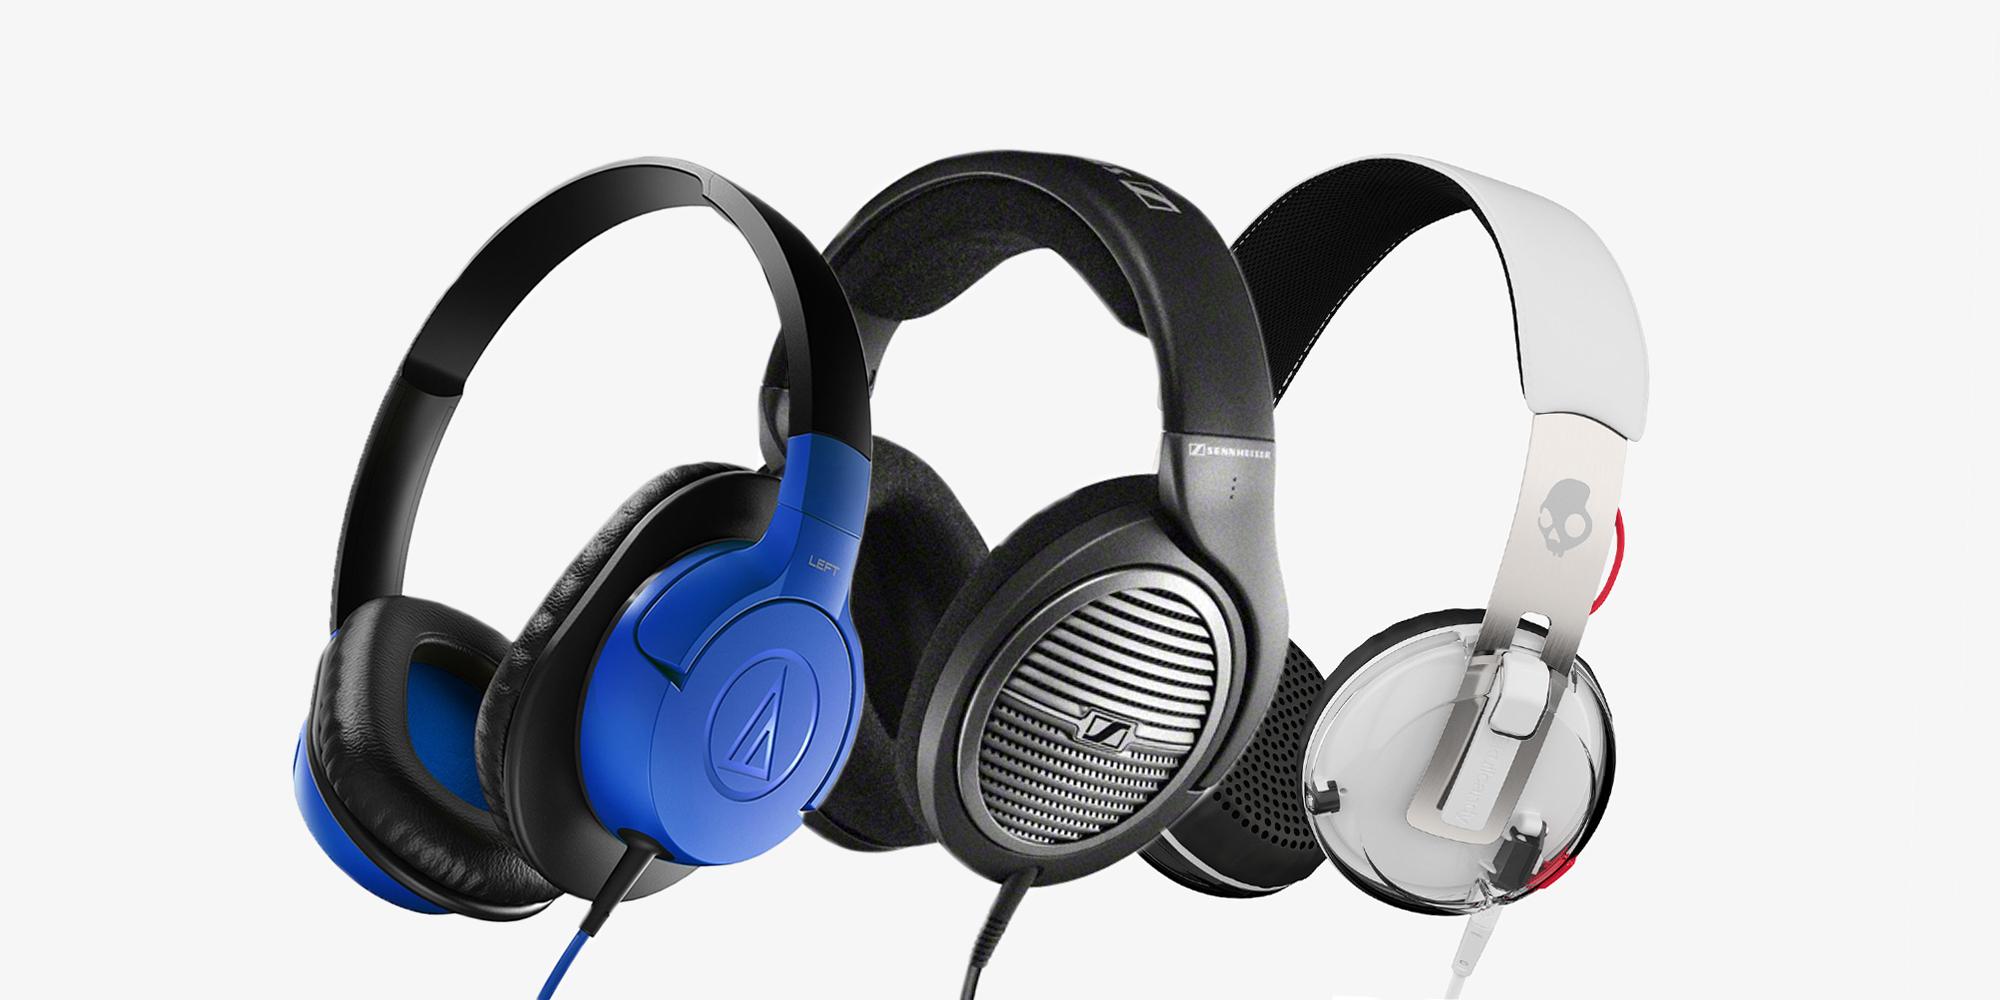 17 Best Headphones Under $100 in 2016